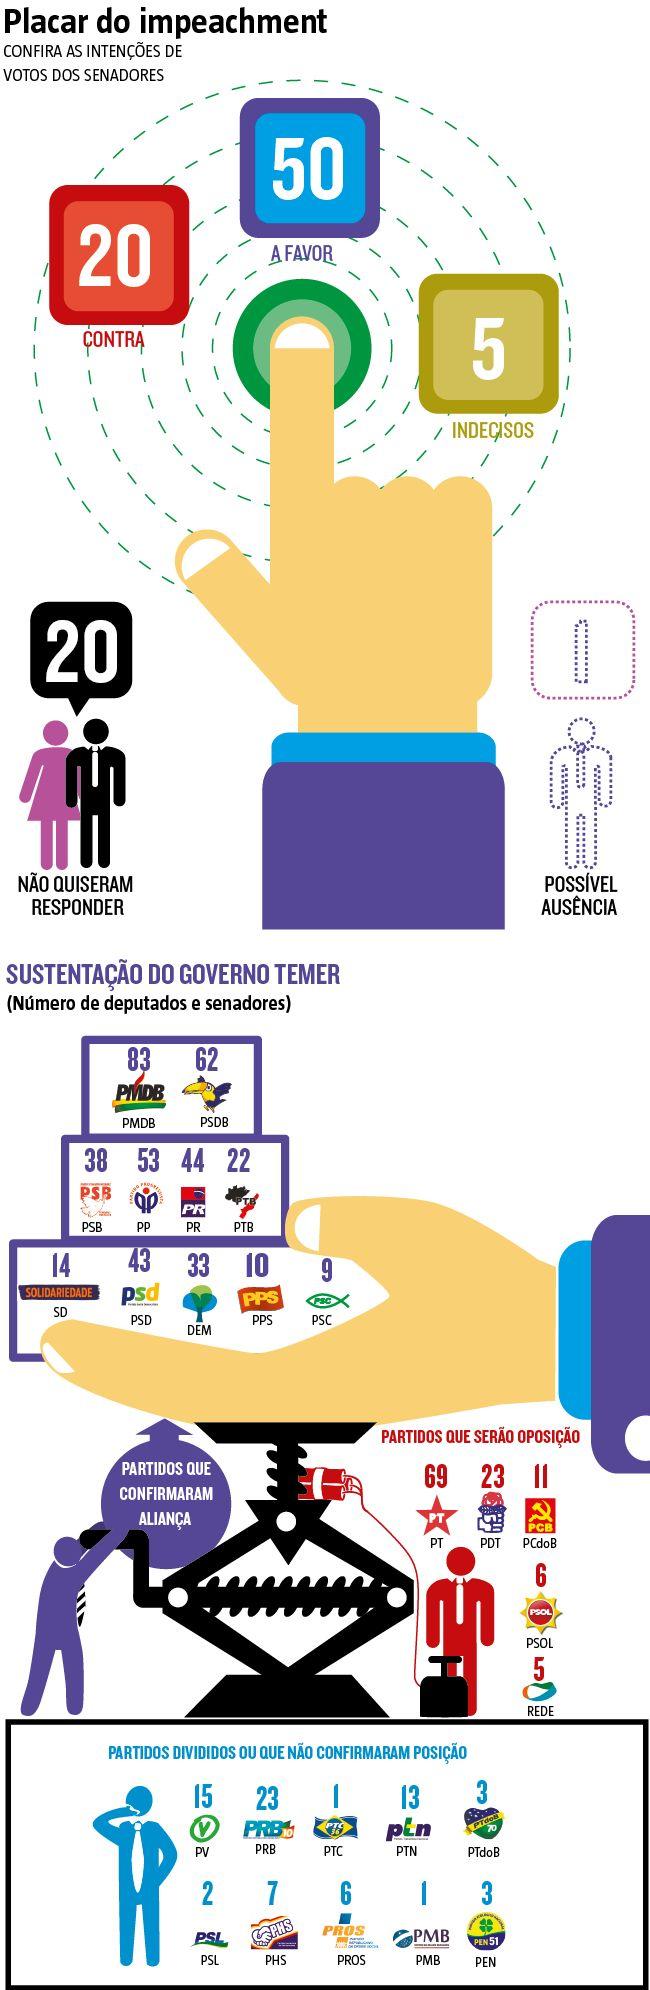 A dois dias da votação em plenário do parecer do pelo impeachment de Dilma Rousseff, governistas já preveem grande dificuldade para barrar o processo no Senado. Se a maioria simples dos presentes na Casa ratificar a decisão da comissão, que na última sexta aprovou por 15 votos a 5 o relatório, a presidente será afastada temporariamente por 180 dias. (09/05/2016) #Impeachment #Política #Dilma #Infográfico #Infografia #HojeEmDia